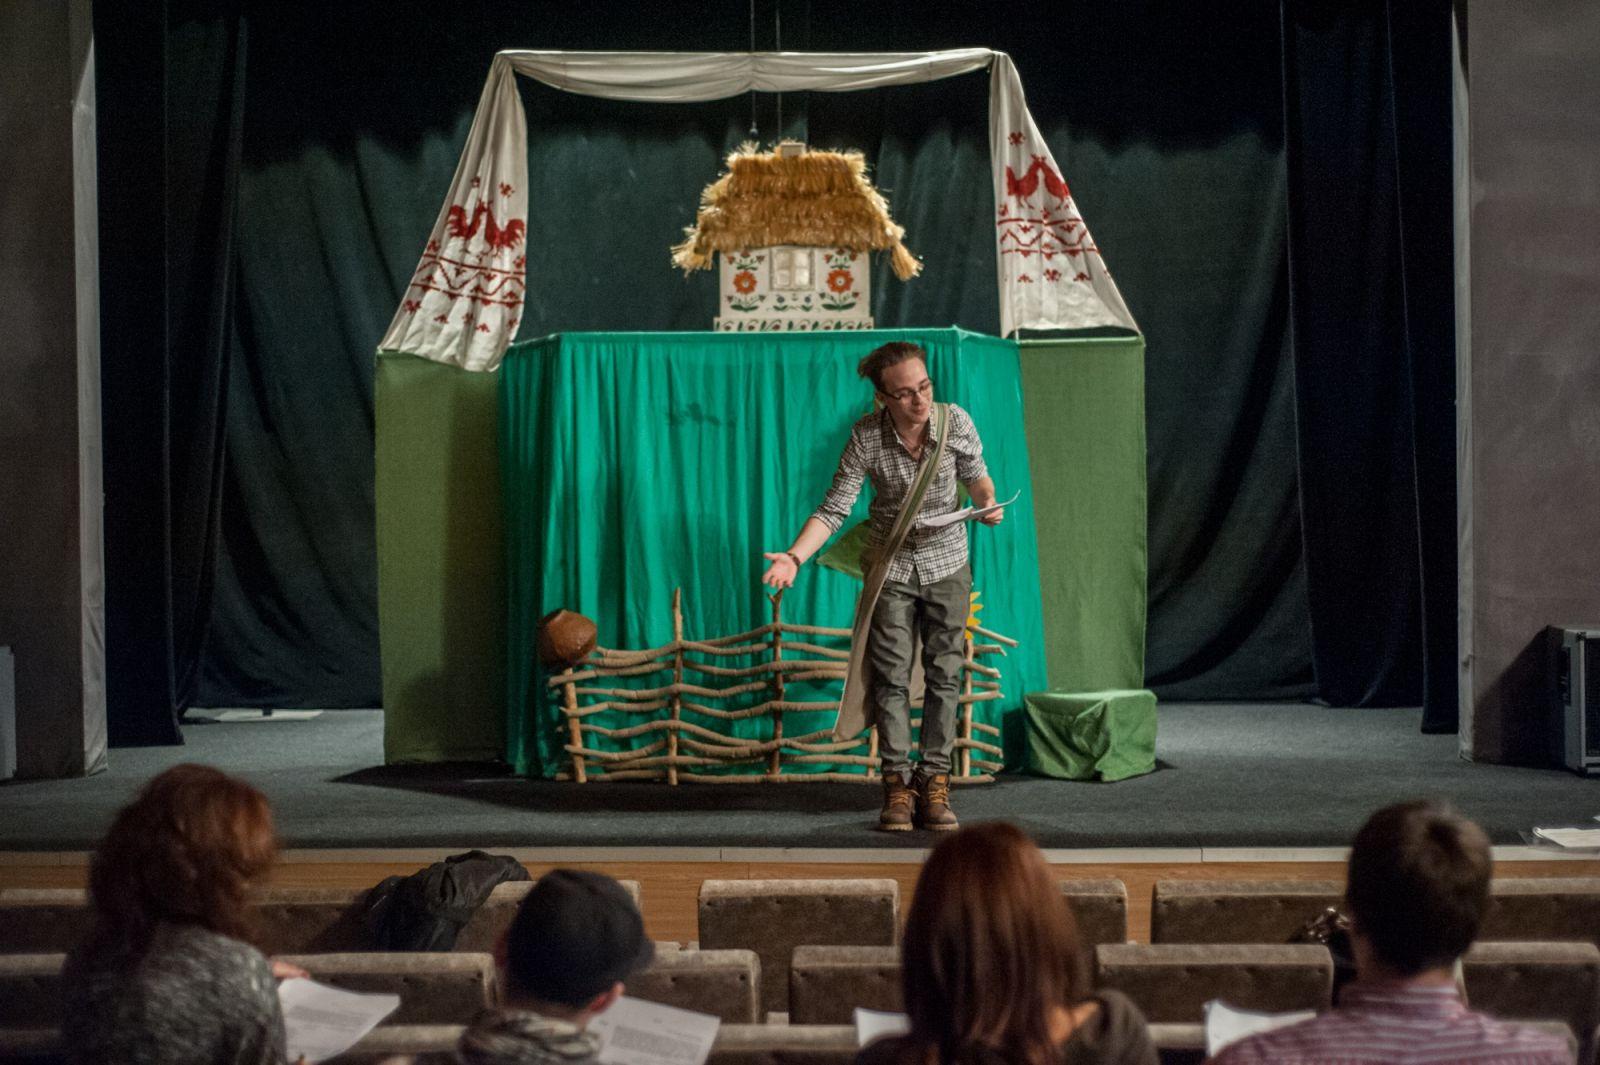 В каком детском проекте сыграют Падалко, Яма, Тарабарова и другие знаменитости - фото №3